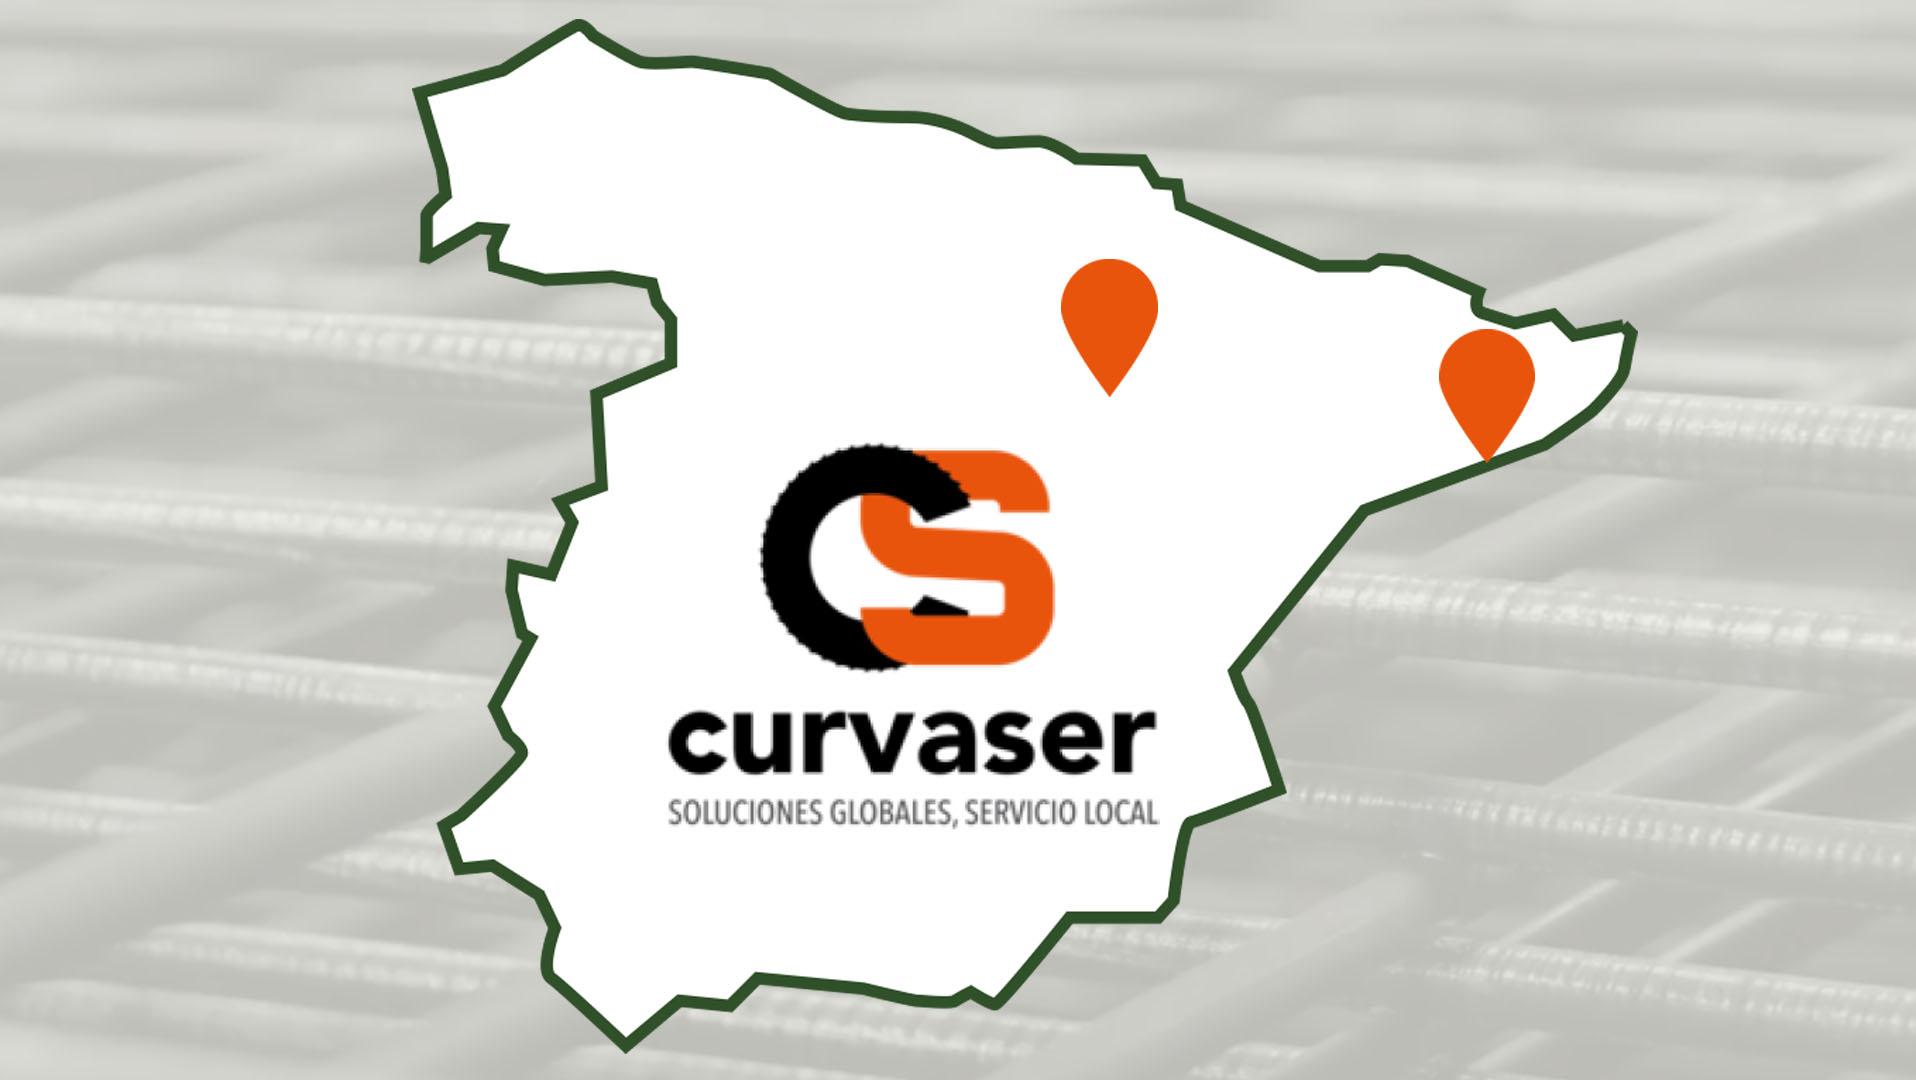 curvaser